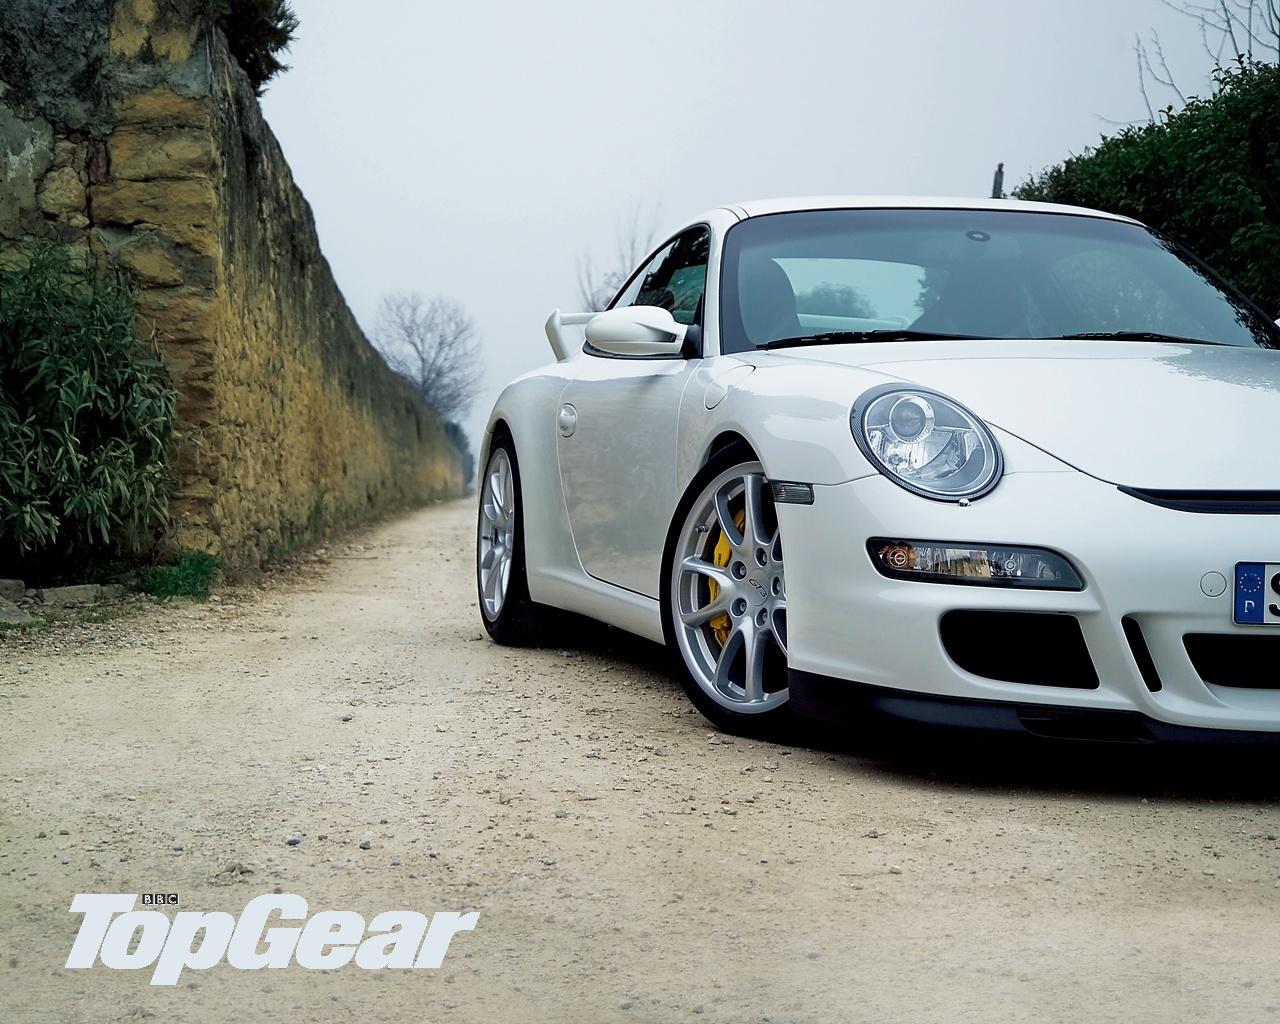 Top Gear Top Gear Wallpaper 25480507 Fanpop